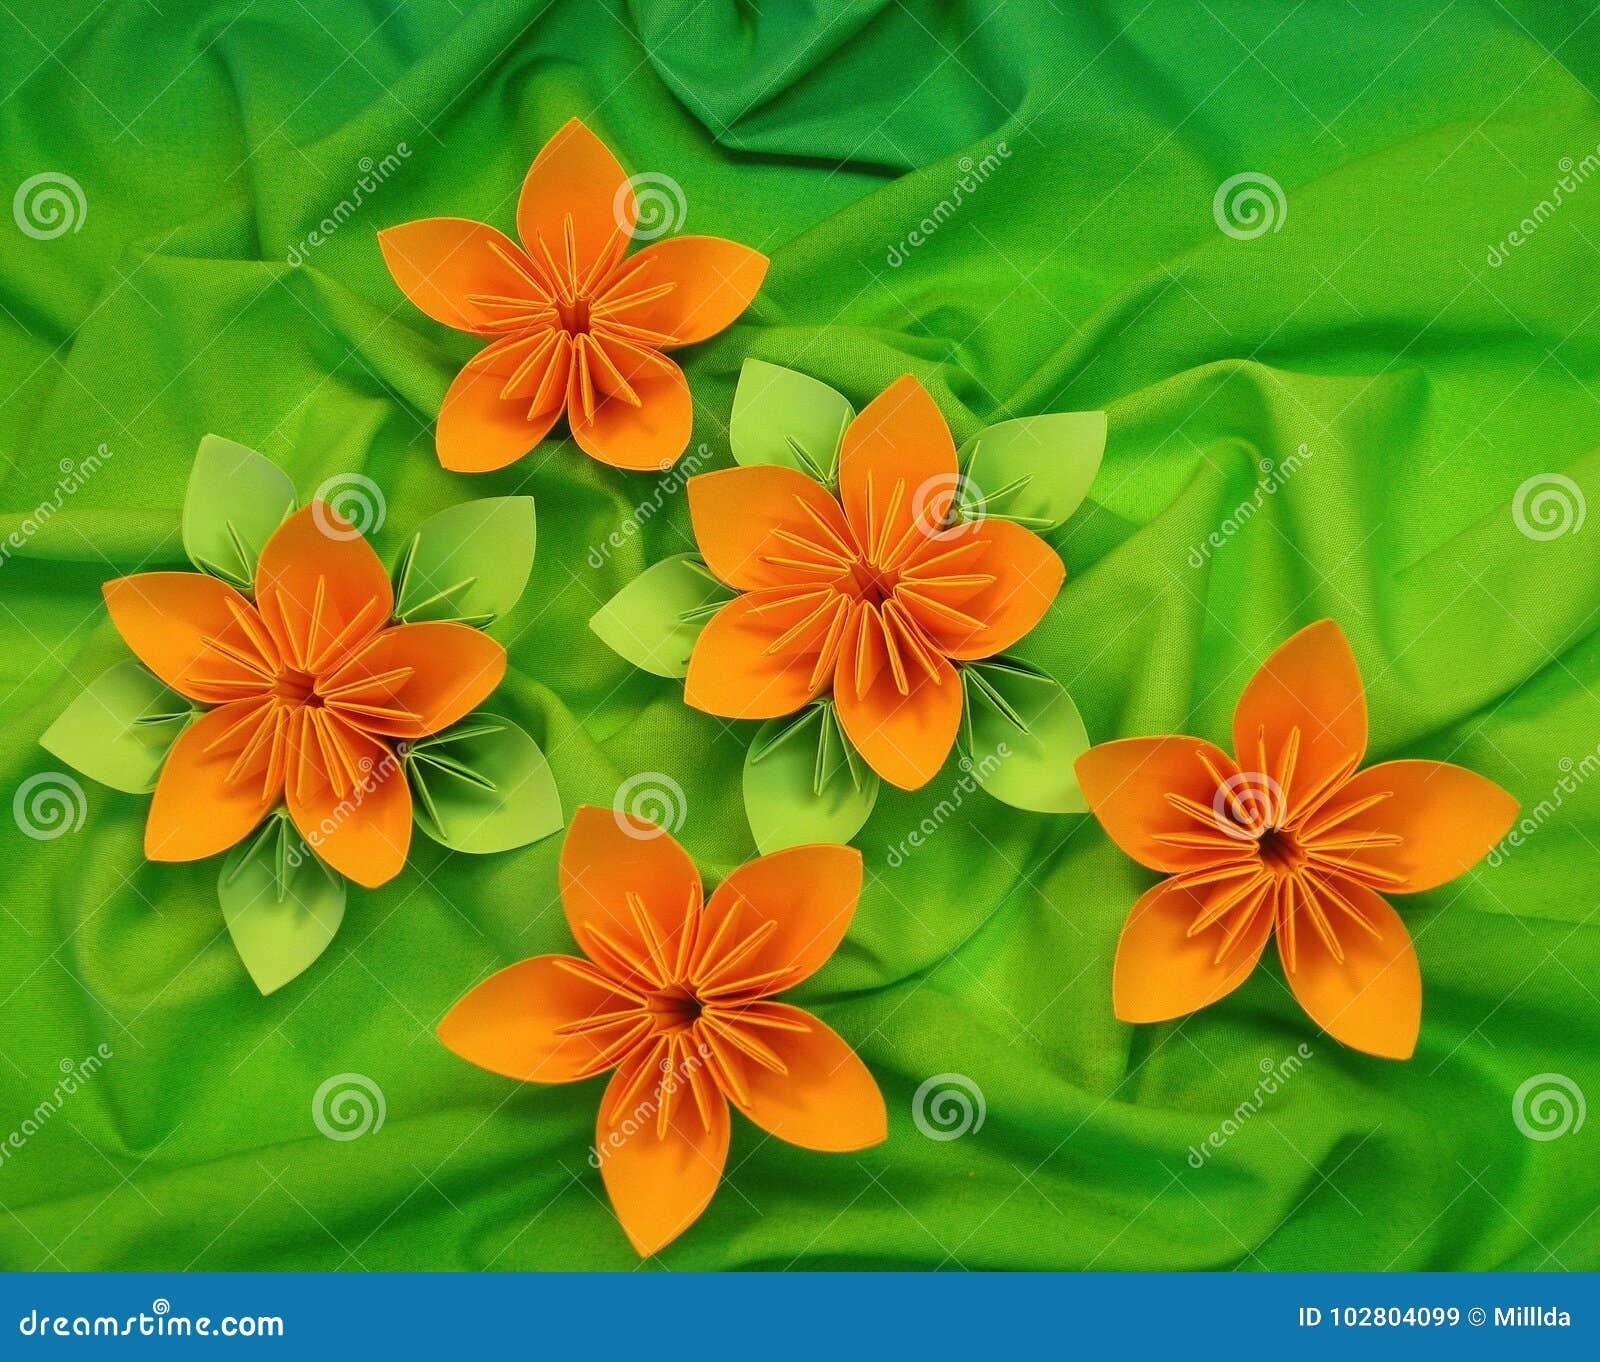 Fiori Arancioni.Fiori Arancioni Di Origami Immagine Stock Immagine Di Bello